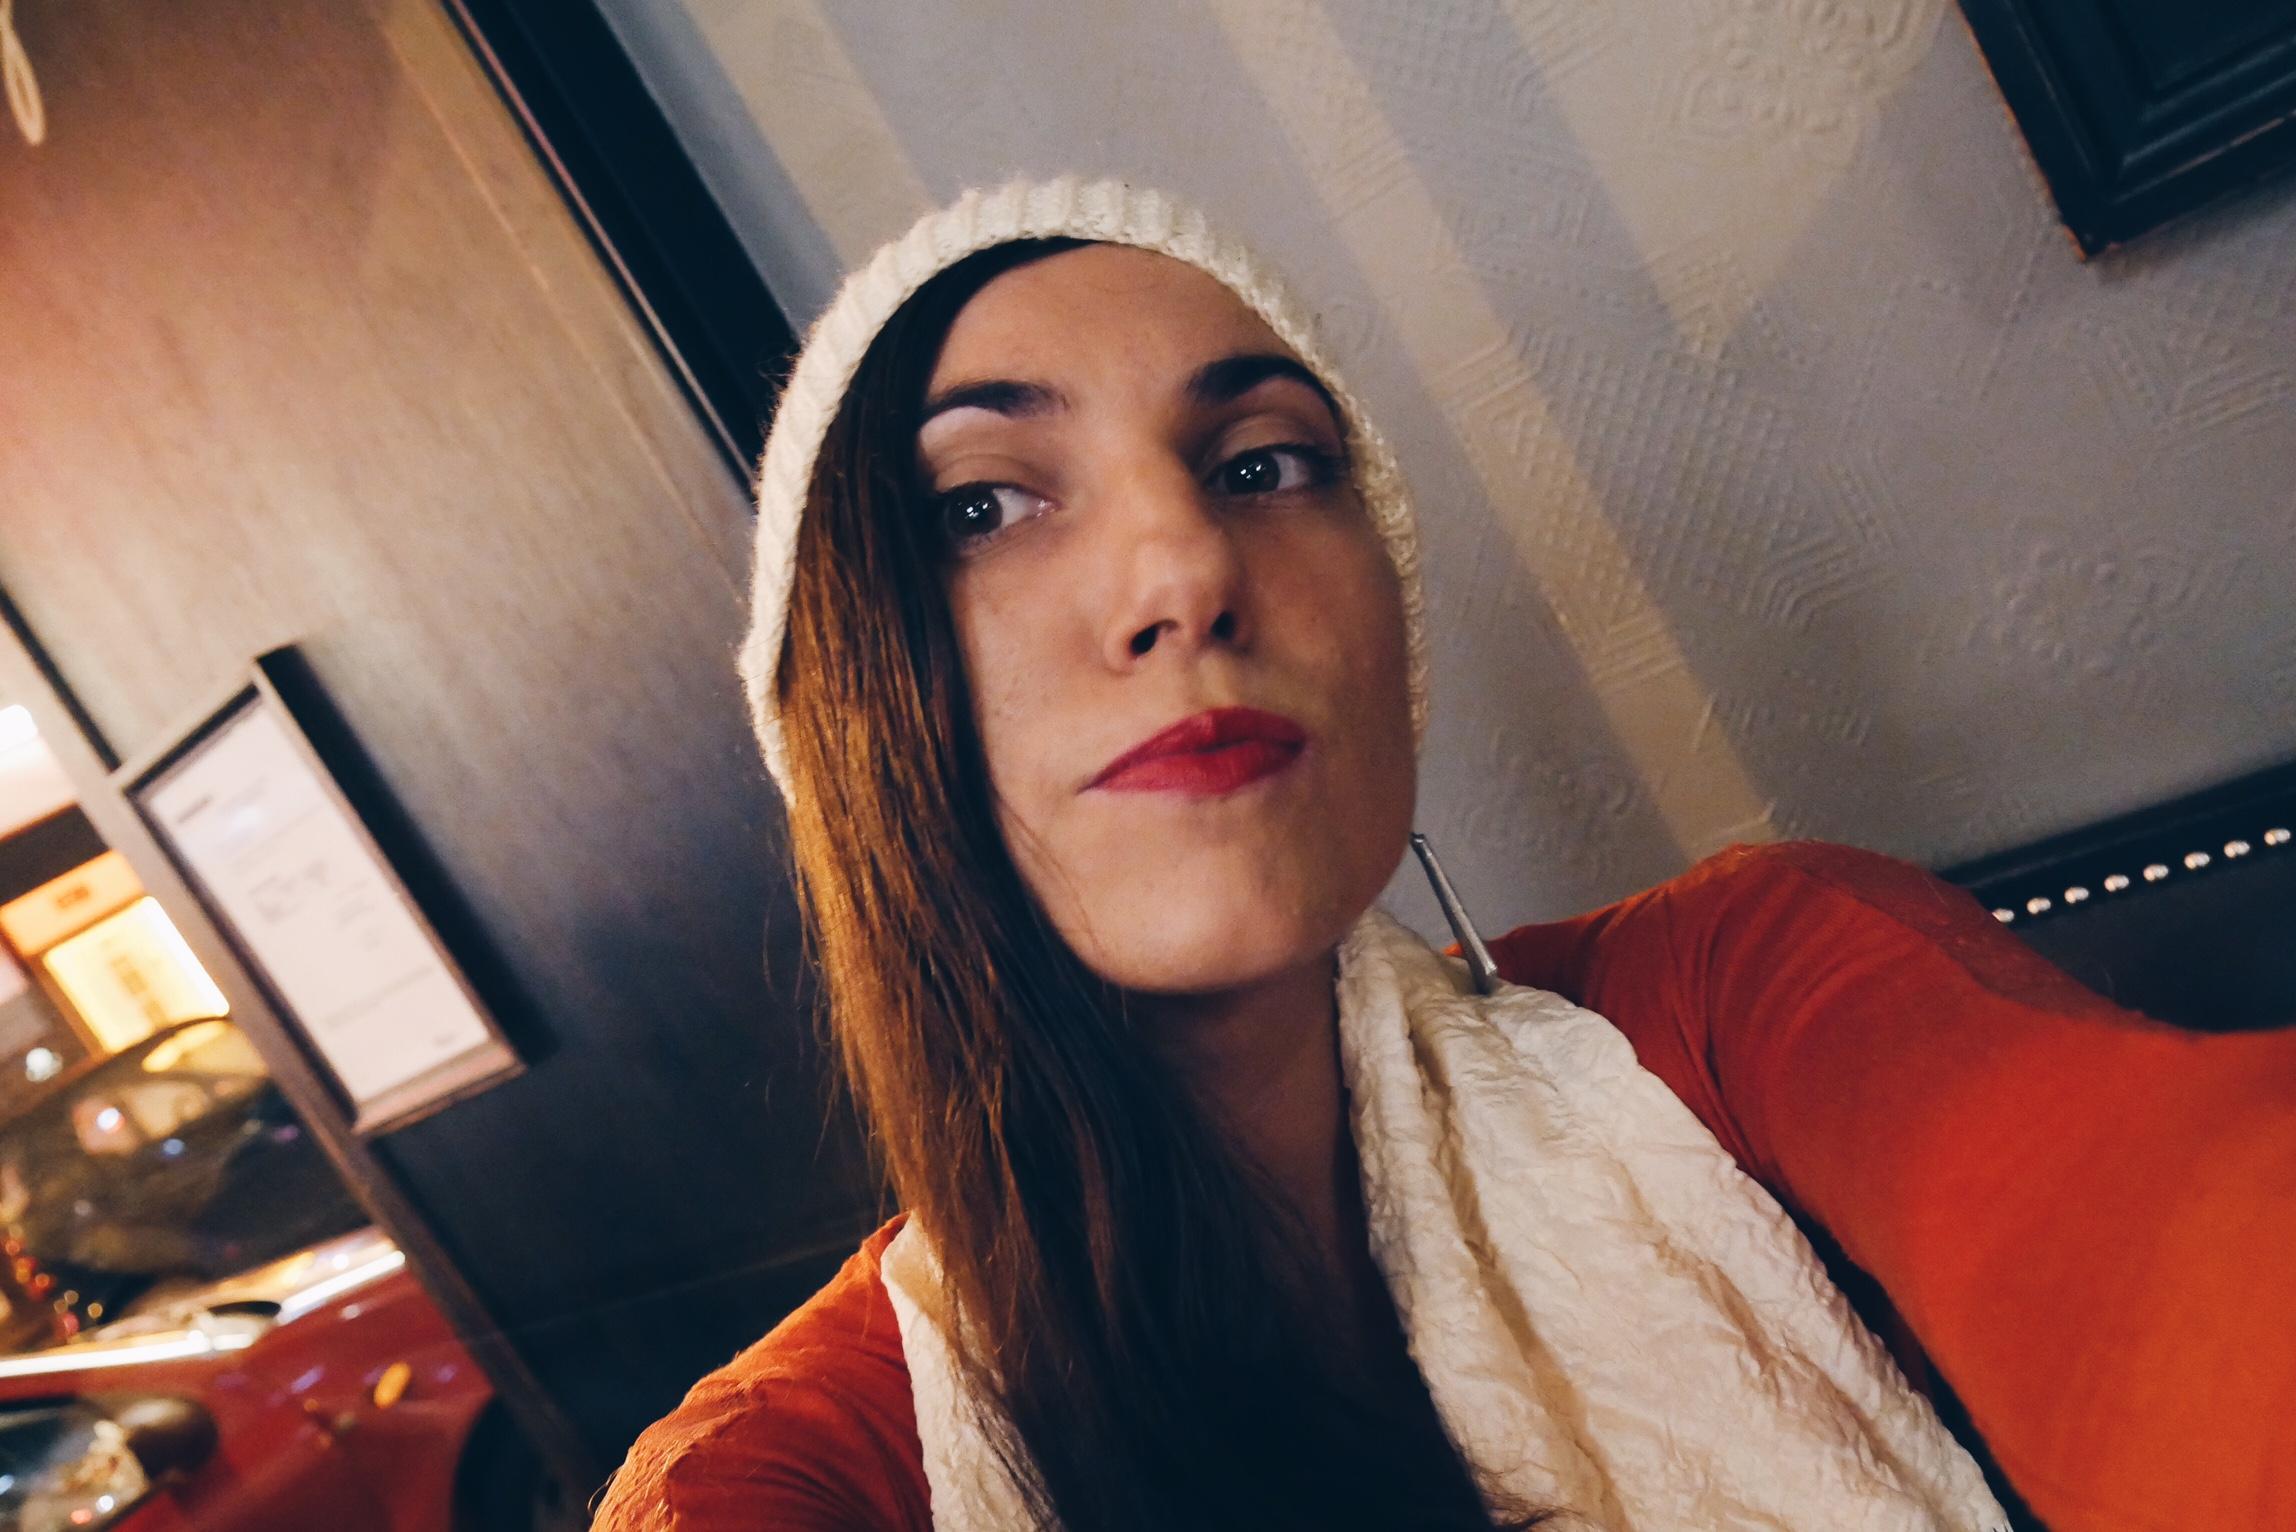 Marianne-BP-chanteuse-selfie-exclu-interview-Aparté-Parisienne-album-photo-usofparis-blog